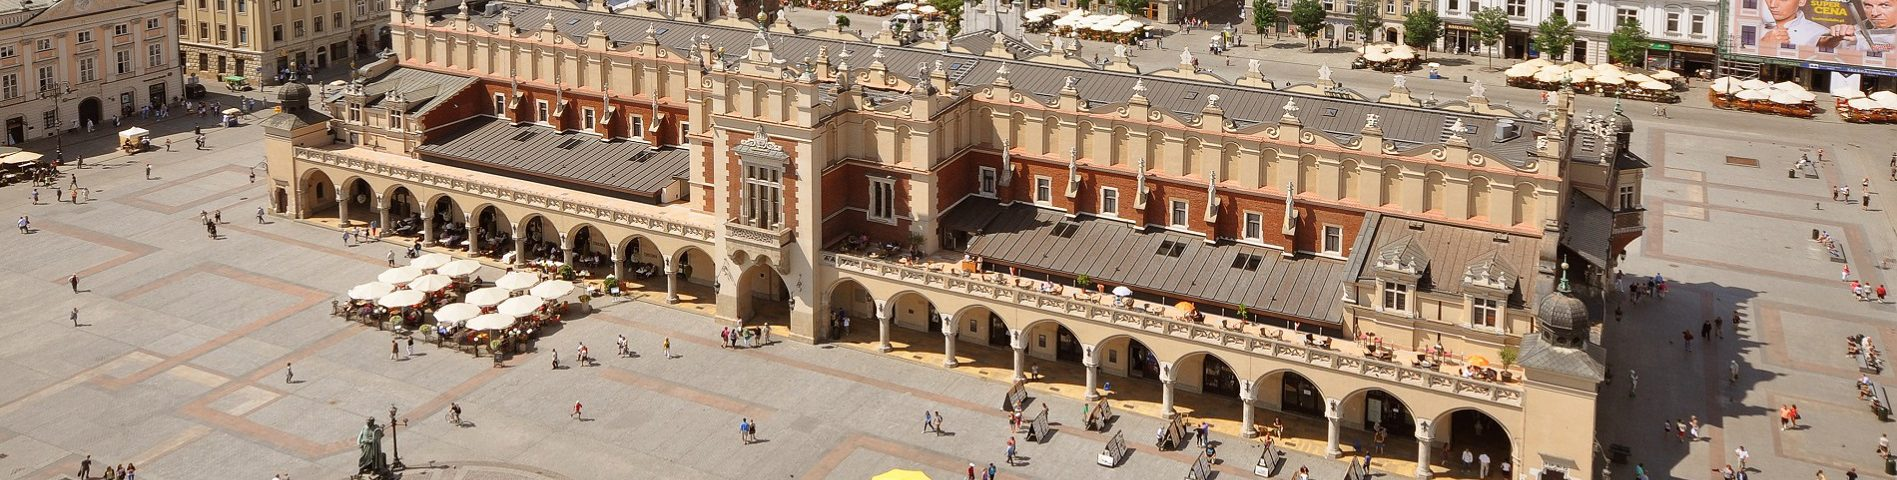 10 najważniejszych zabytków w Krakowie